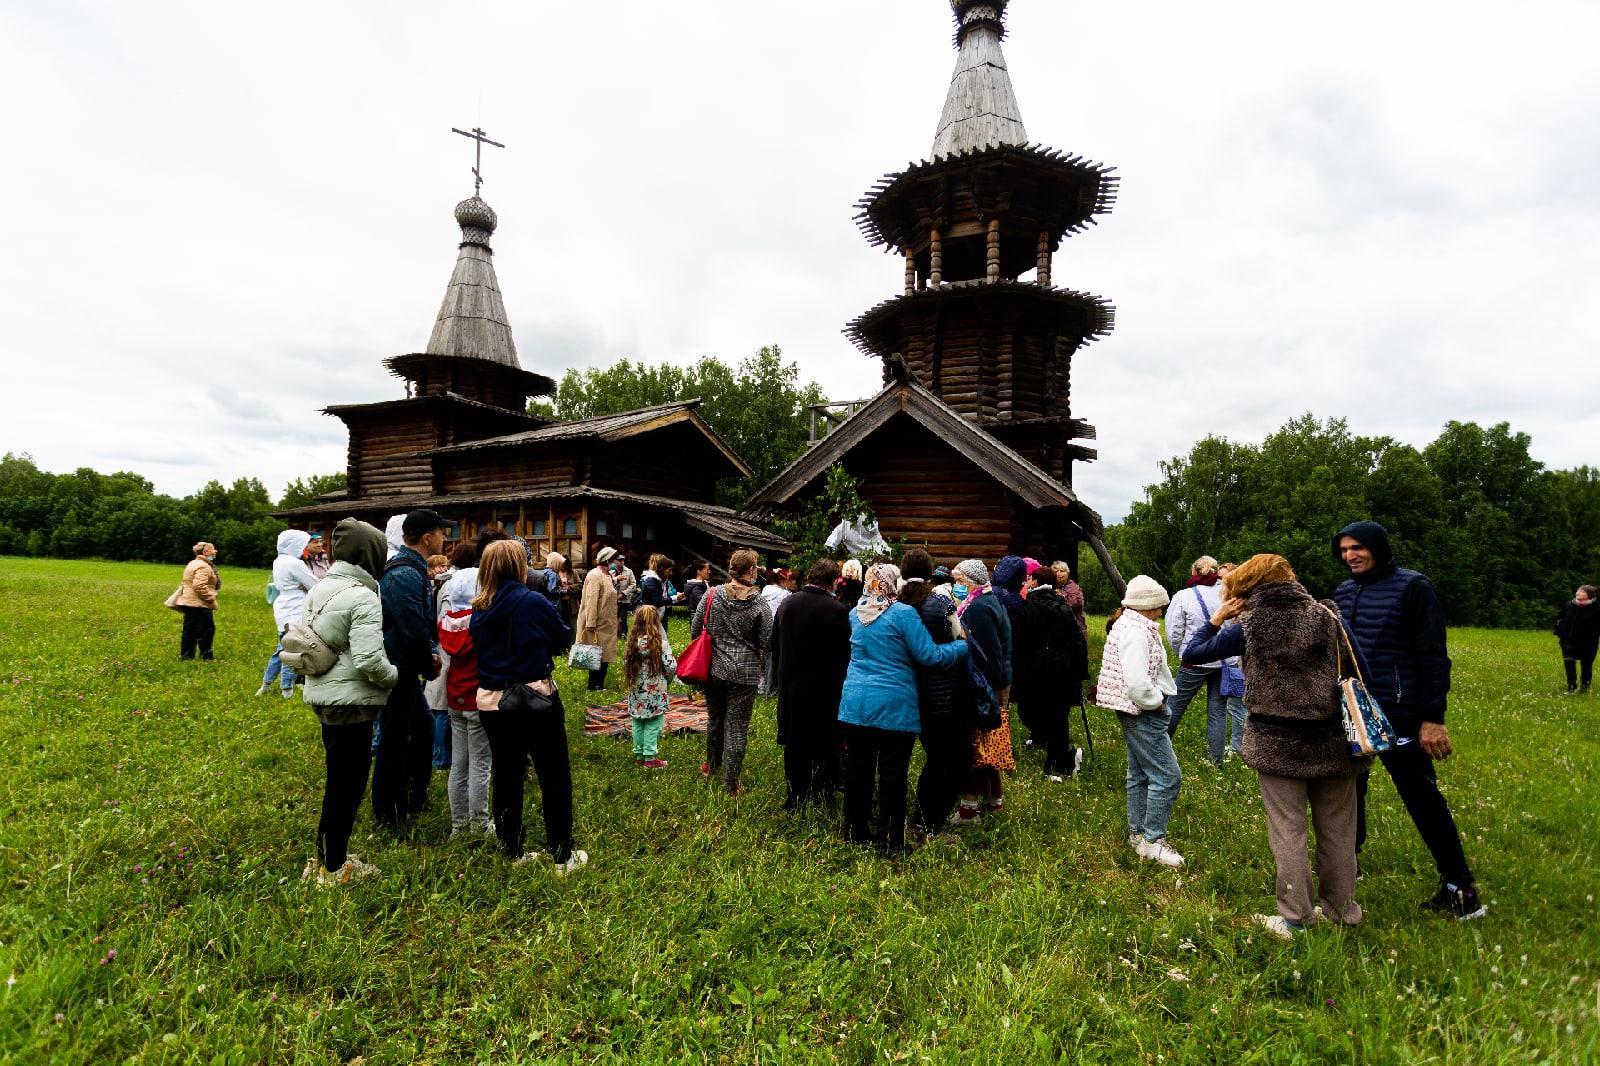 фото Под Новосибирском отпраздновали Троицу 8